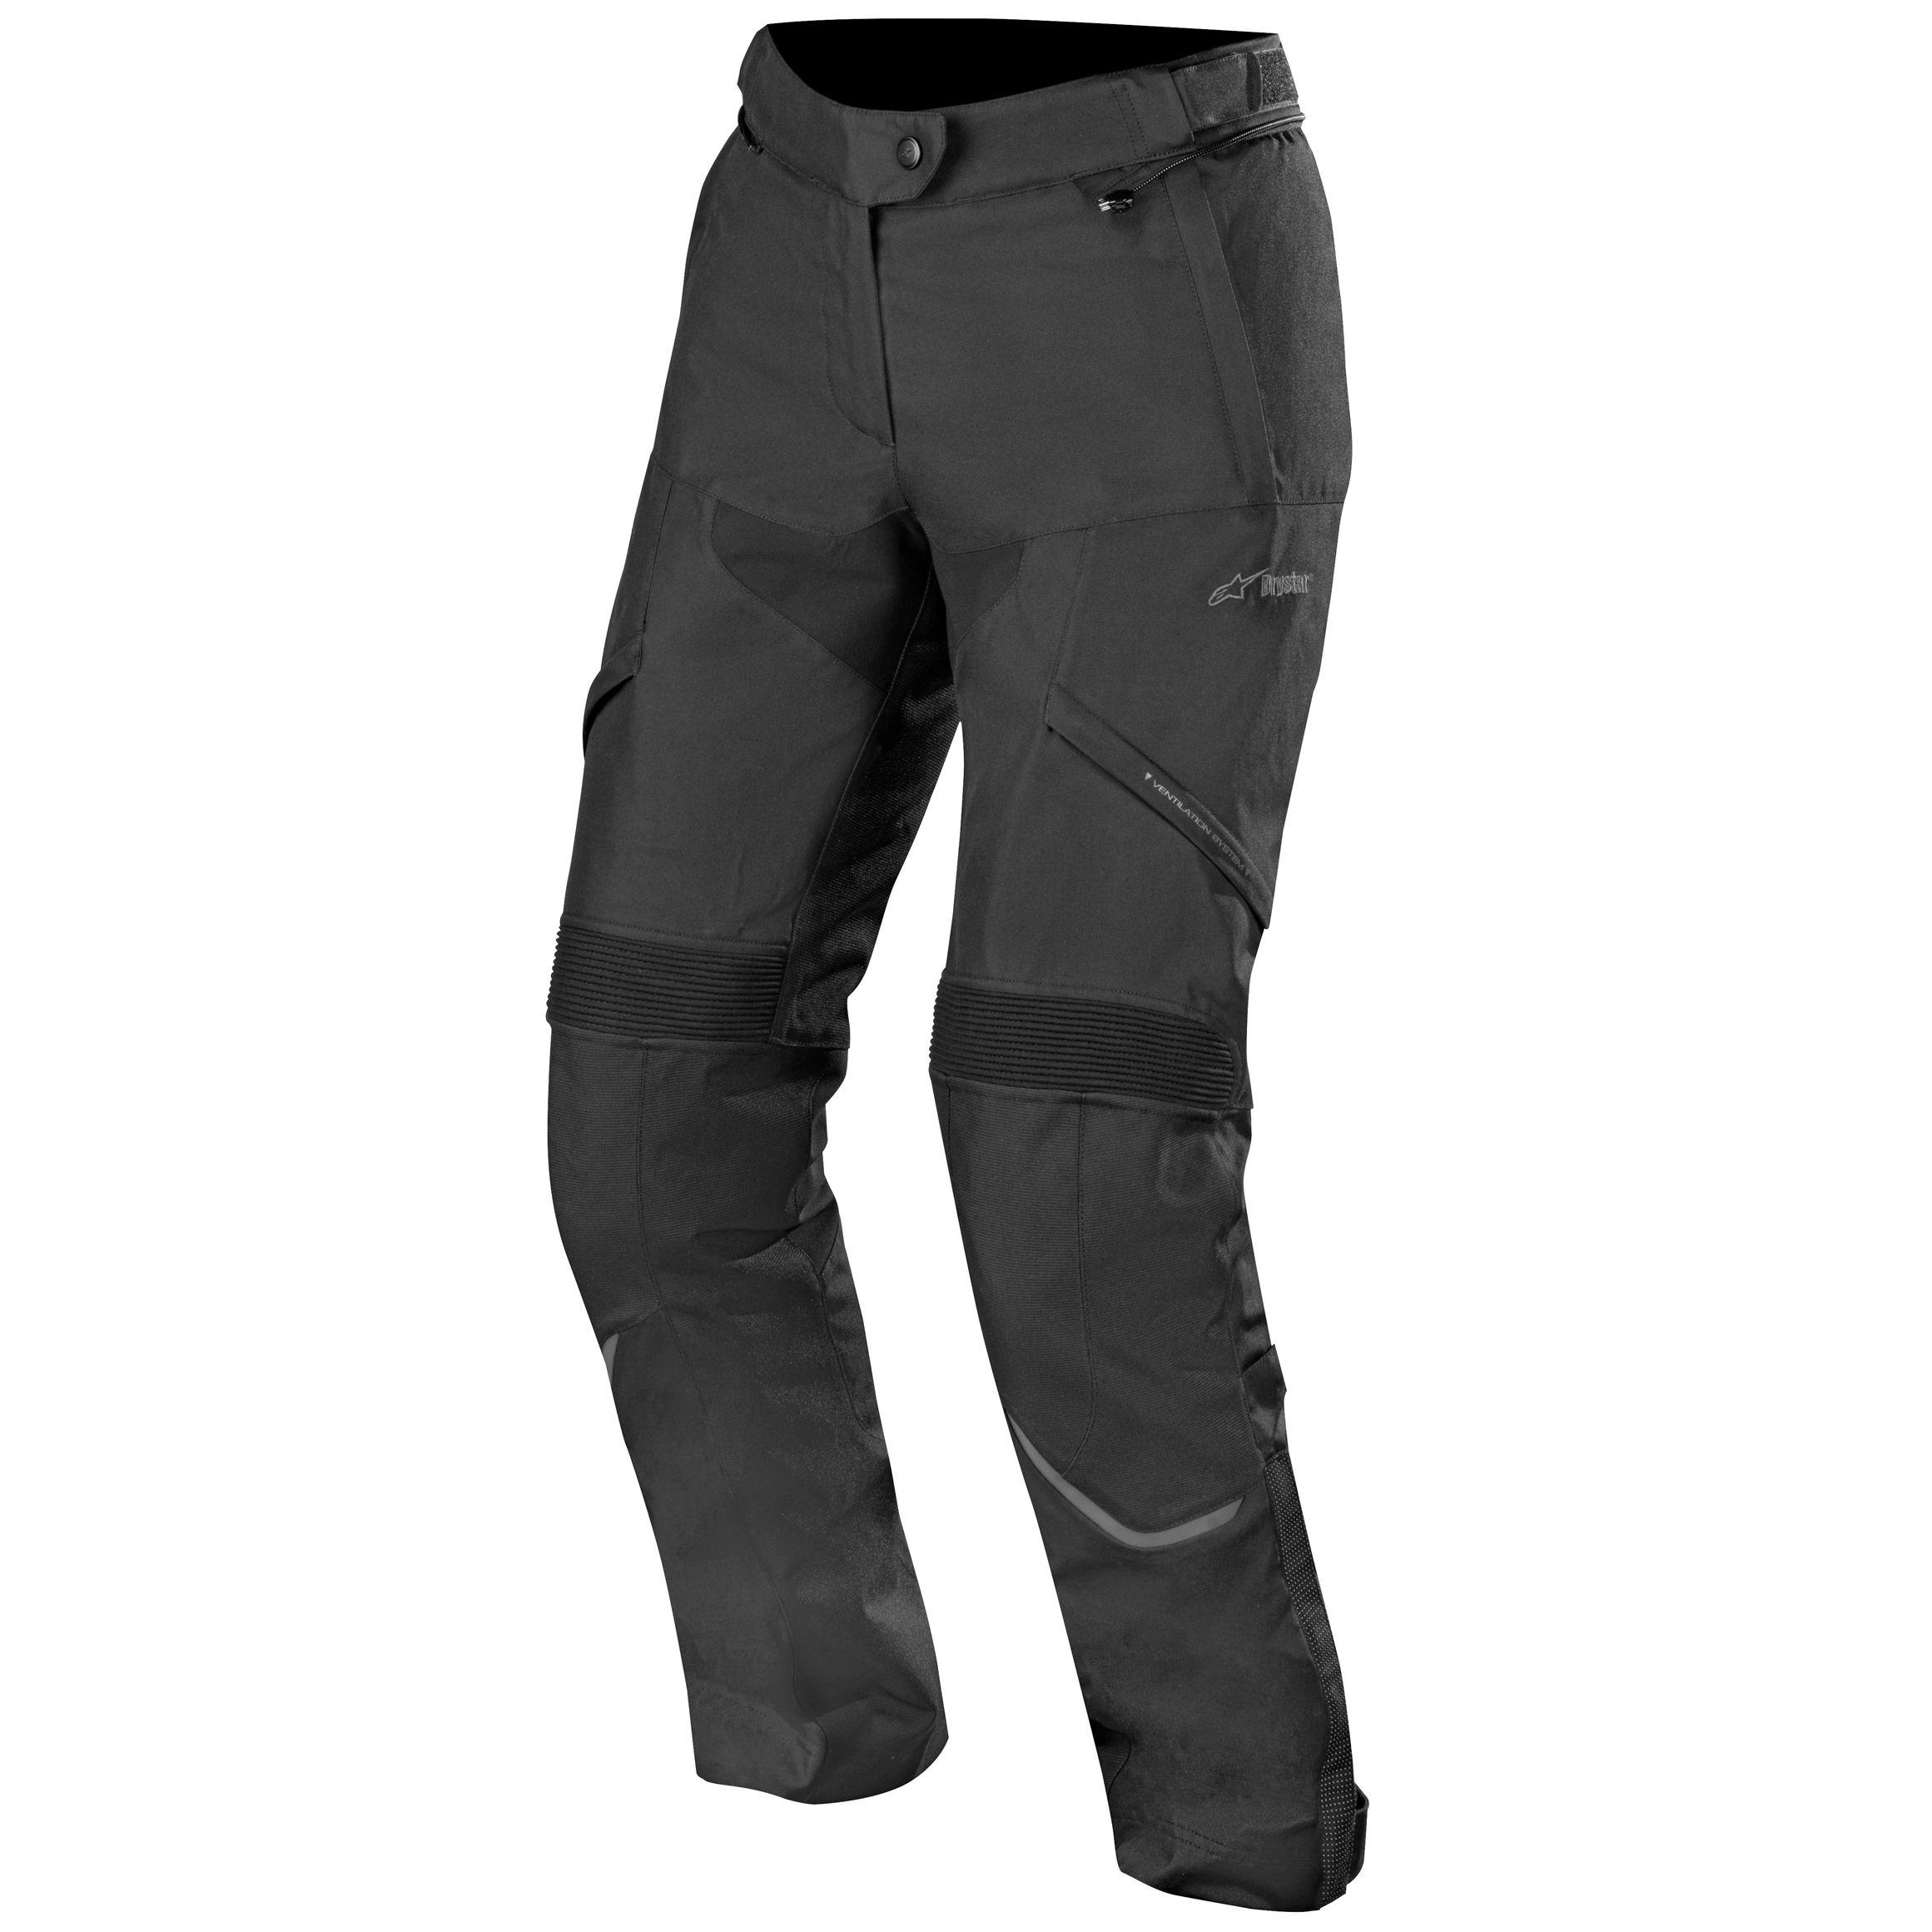 Pantalon Alpinestars Stella Hyper Drystar